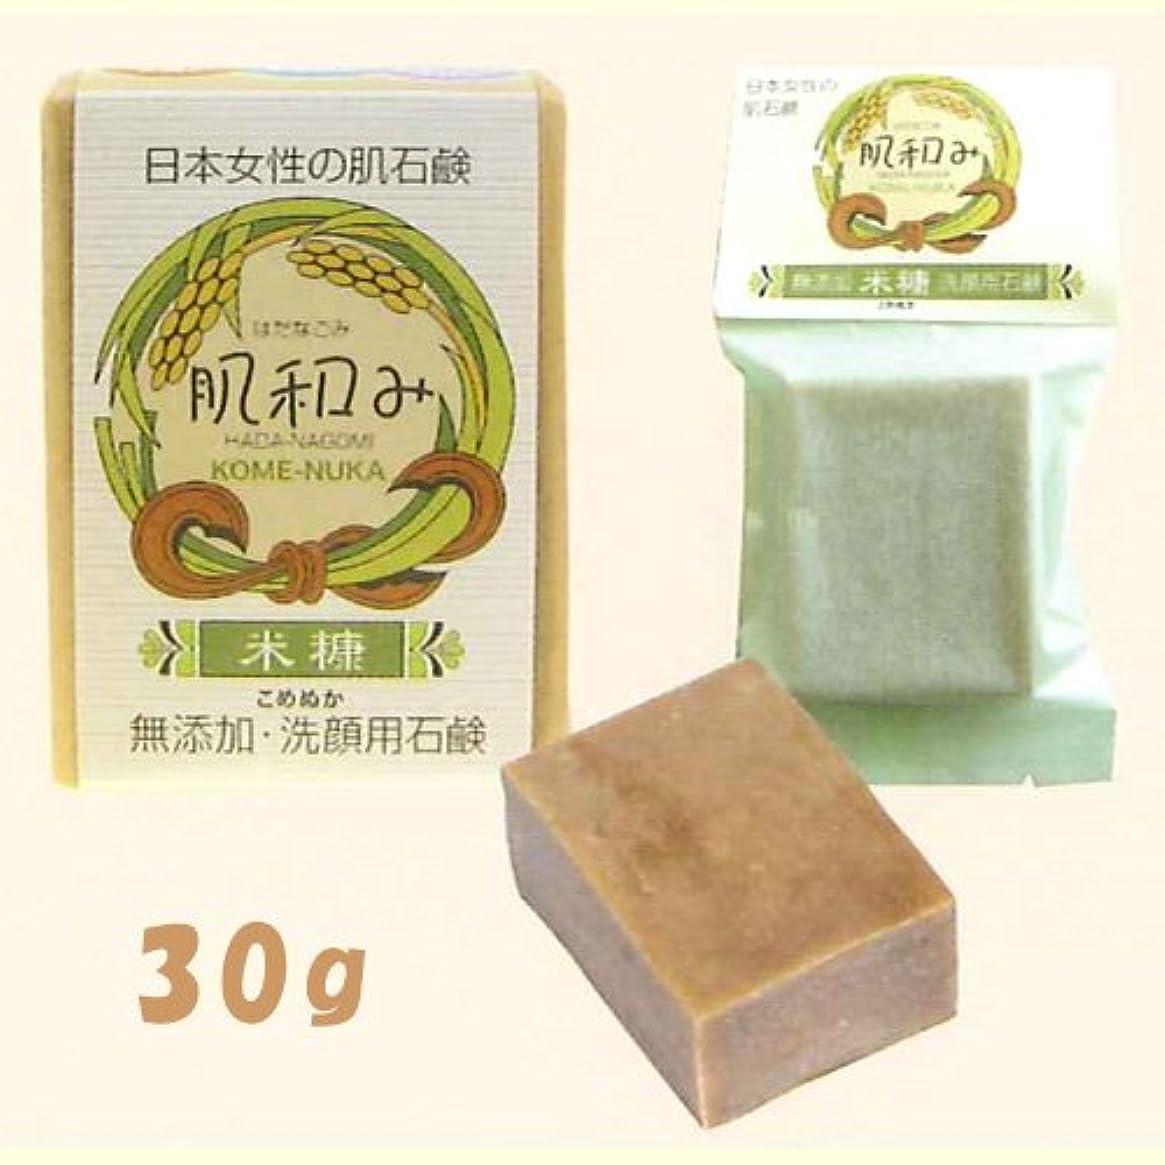 米糠石鹸 肌和み 無添加ソープ 30g